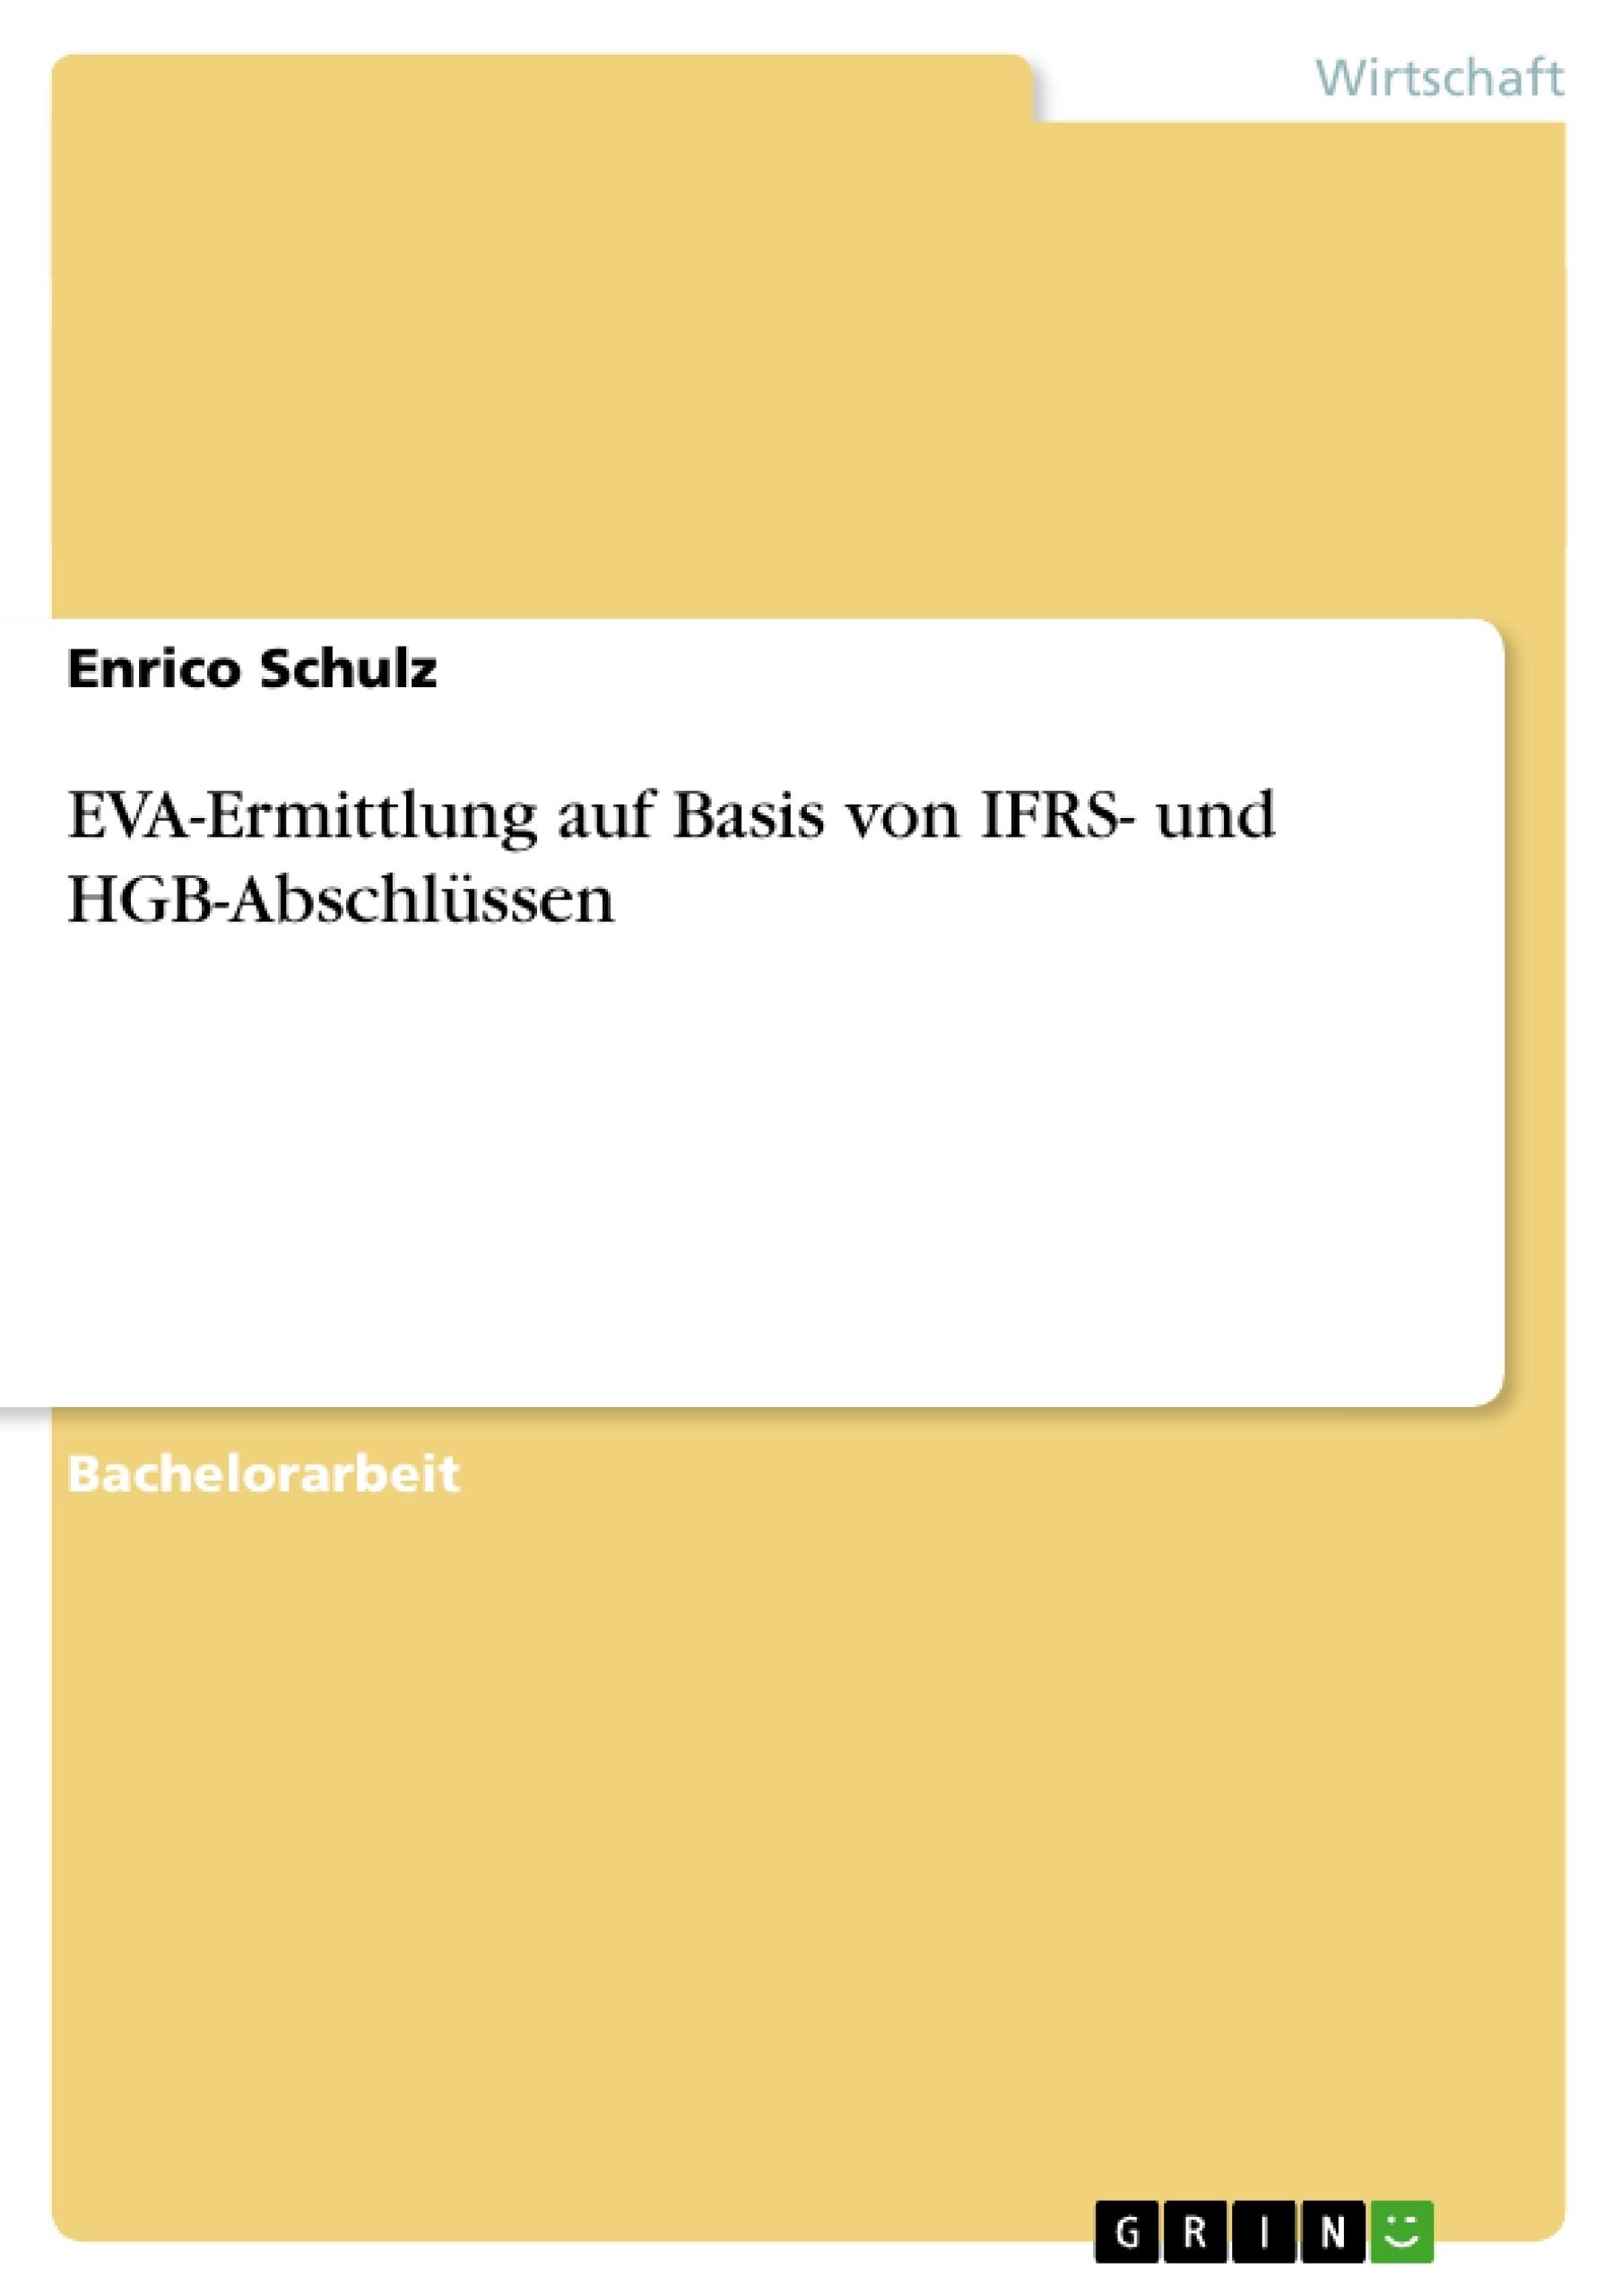 Titel: EVA-Ermittlung auf Basis von IFRS- und HGB-Abschlüssen